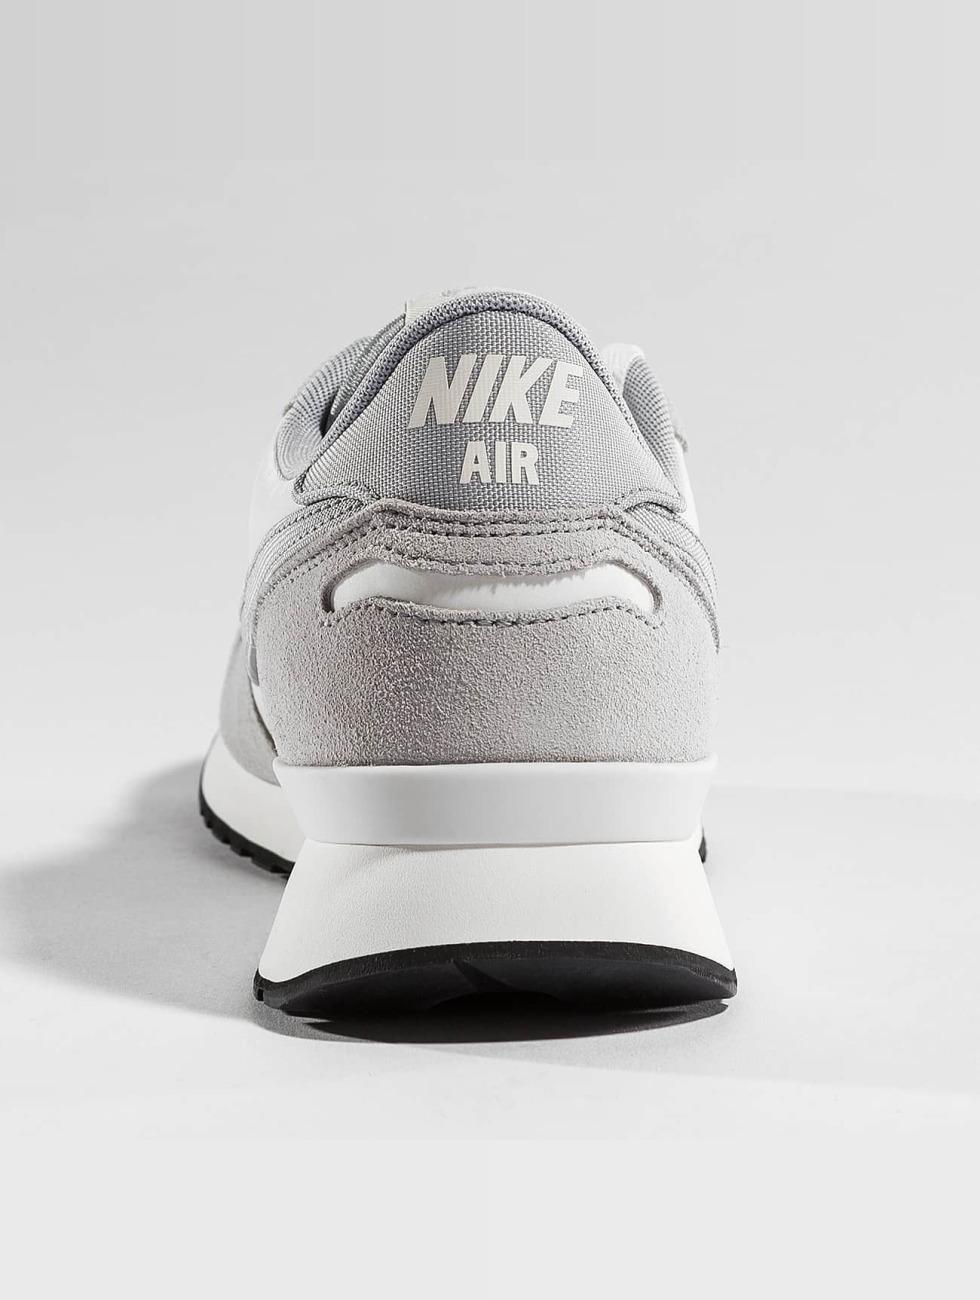 Nike schoen / sneaker Air Vortex in grijs 422320 Classic Goedkope Online De Goedkoopste Goedkope Prijs Goedkope Koop In Nederland mode-stijl XJLObH64C